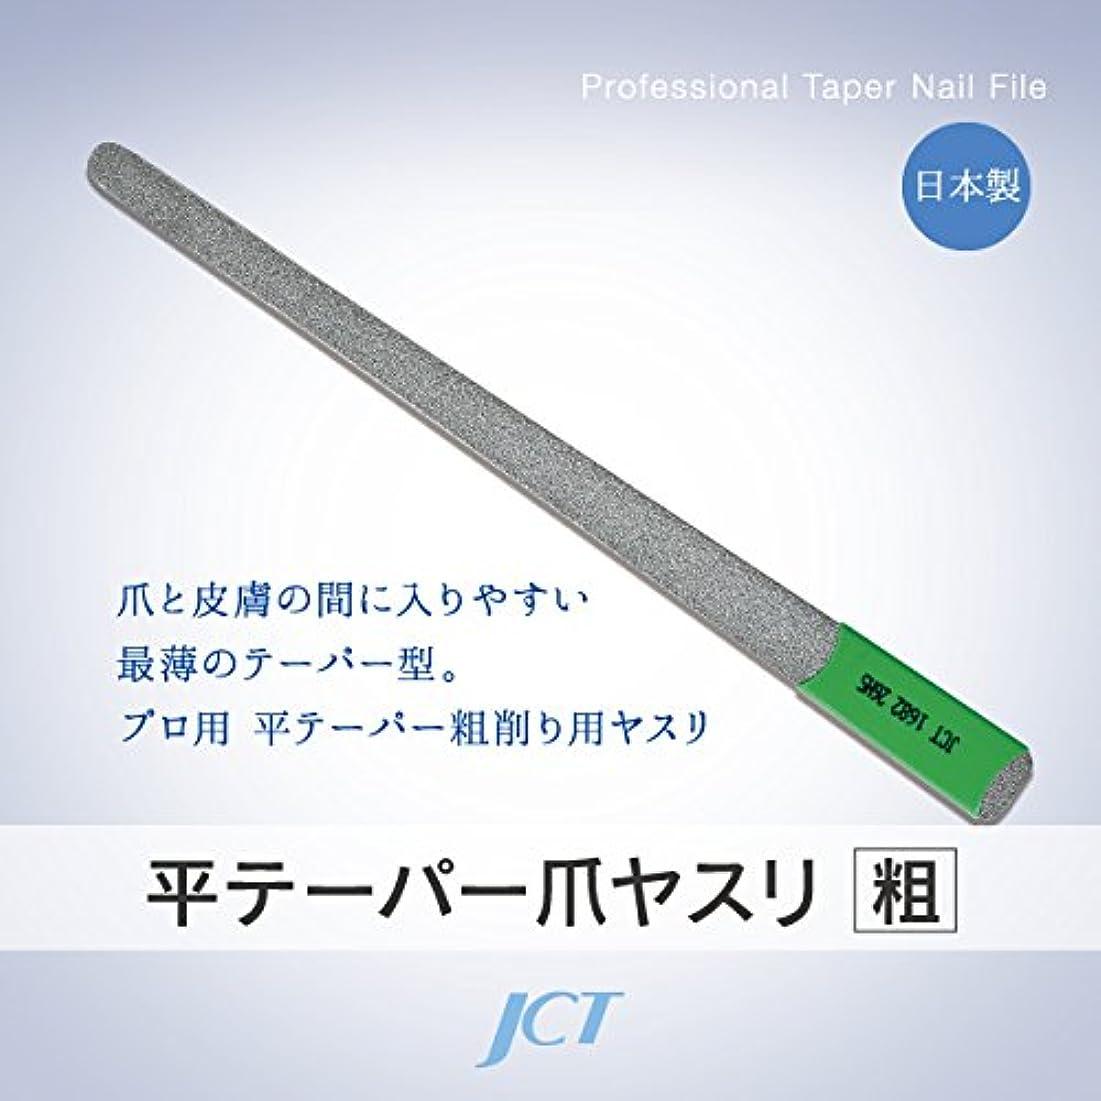 マウントバンク繊毛充電JCT メディカル フットケア ダイヤモンド平テーパー爪ヤスリ(粗) 滅菌可 日本製 1年間保証付